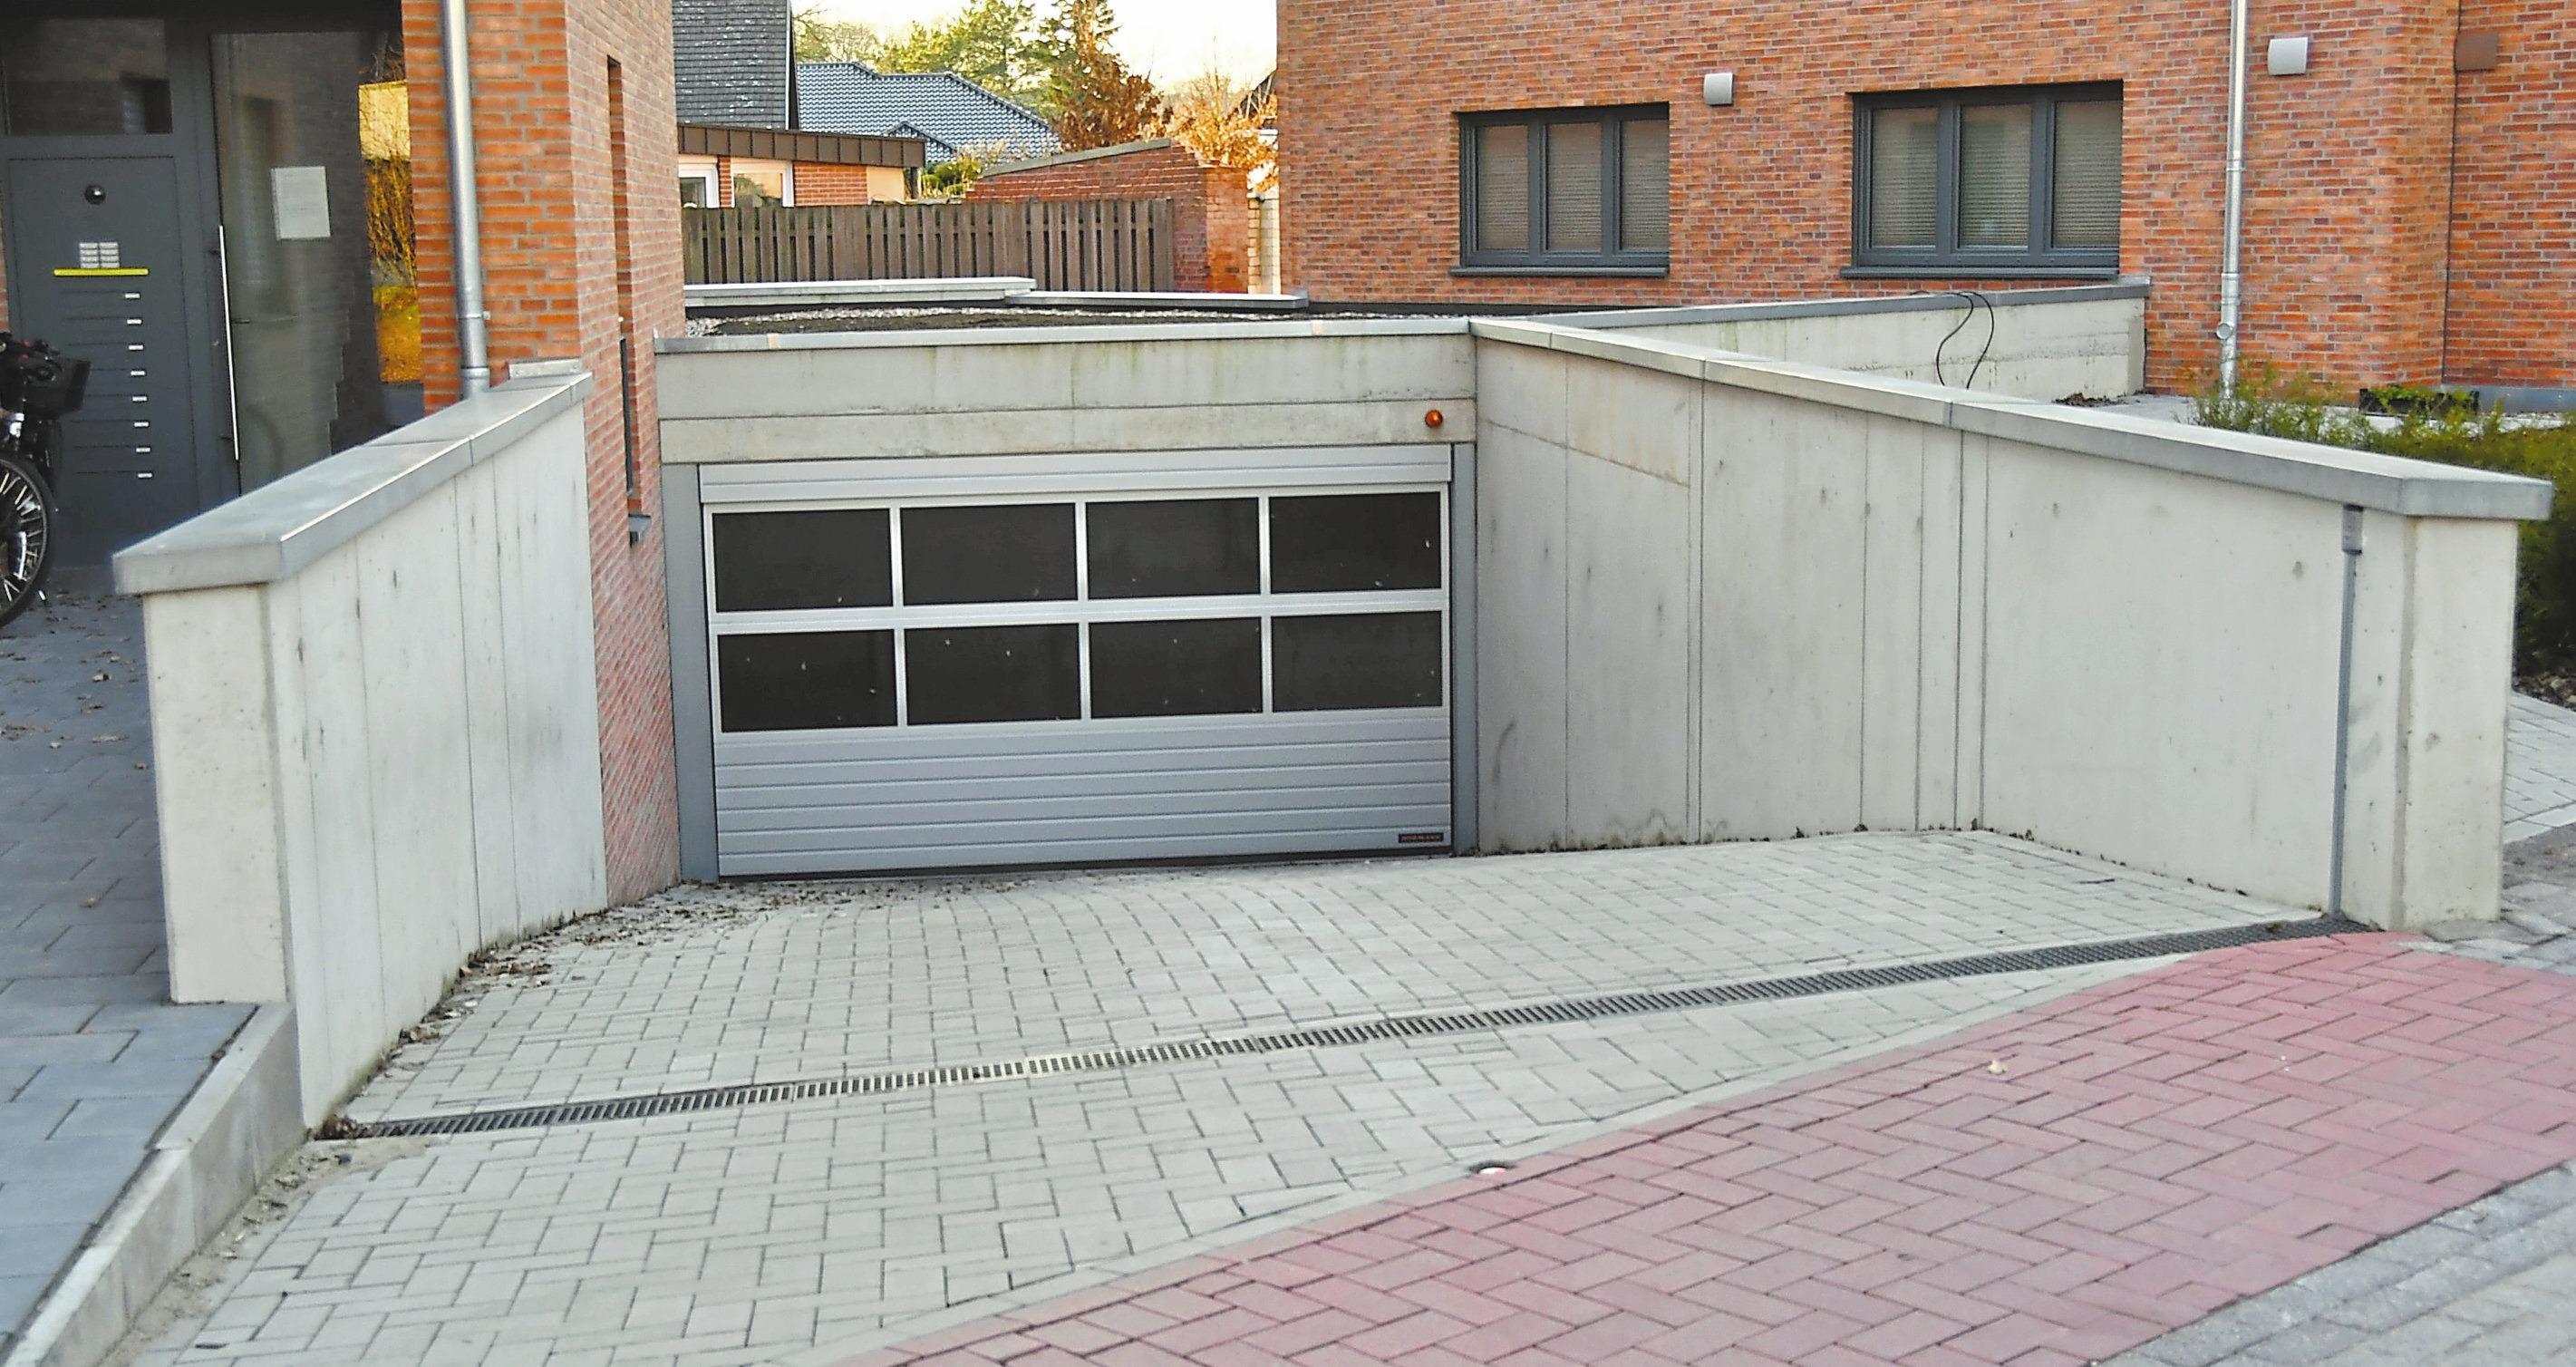 Zwischen den beiden Gebäuden befindet sich die Zufahrt zur Tiefgarage mit Gründach.